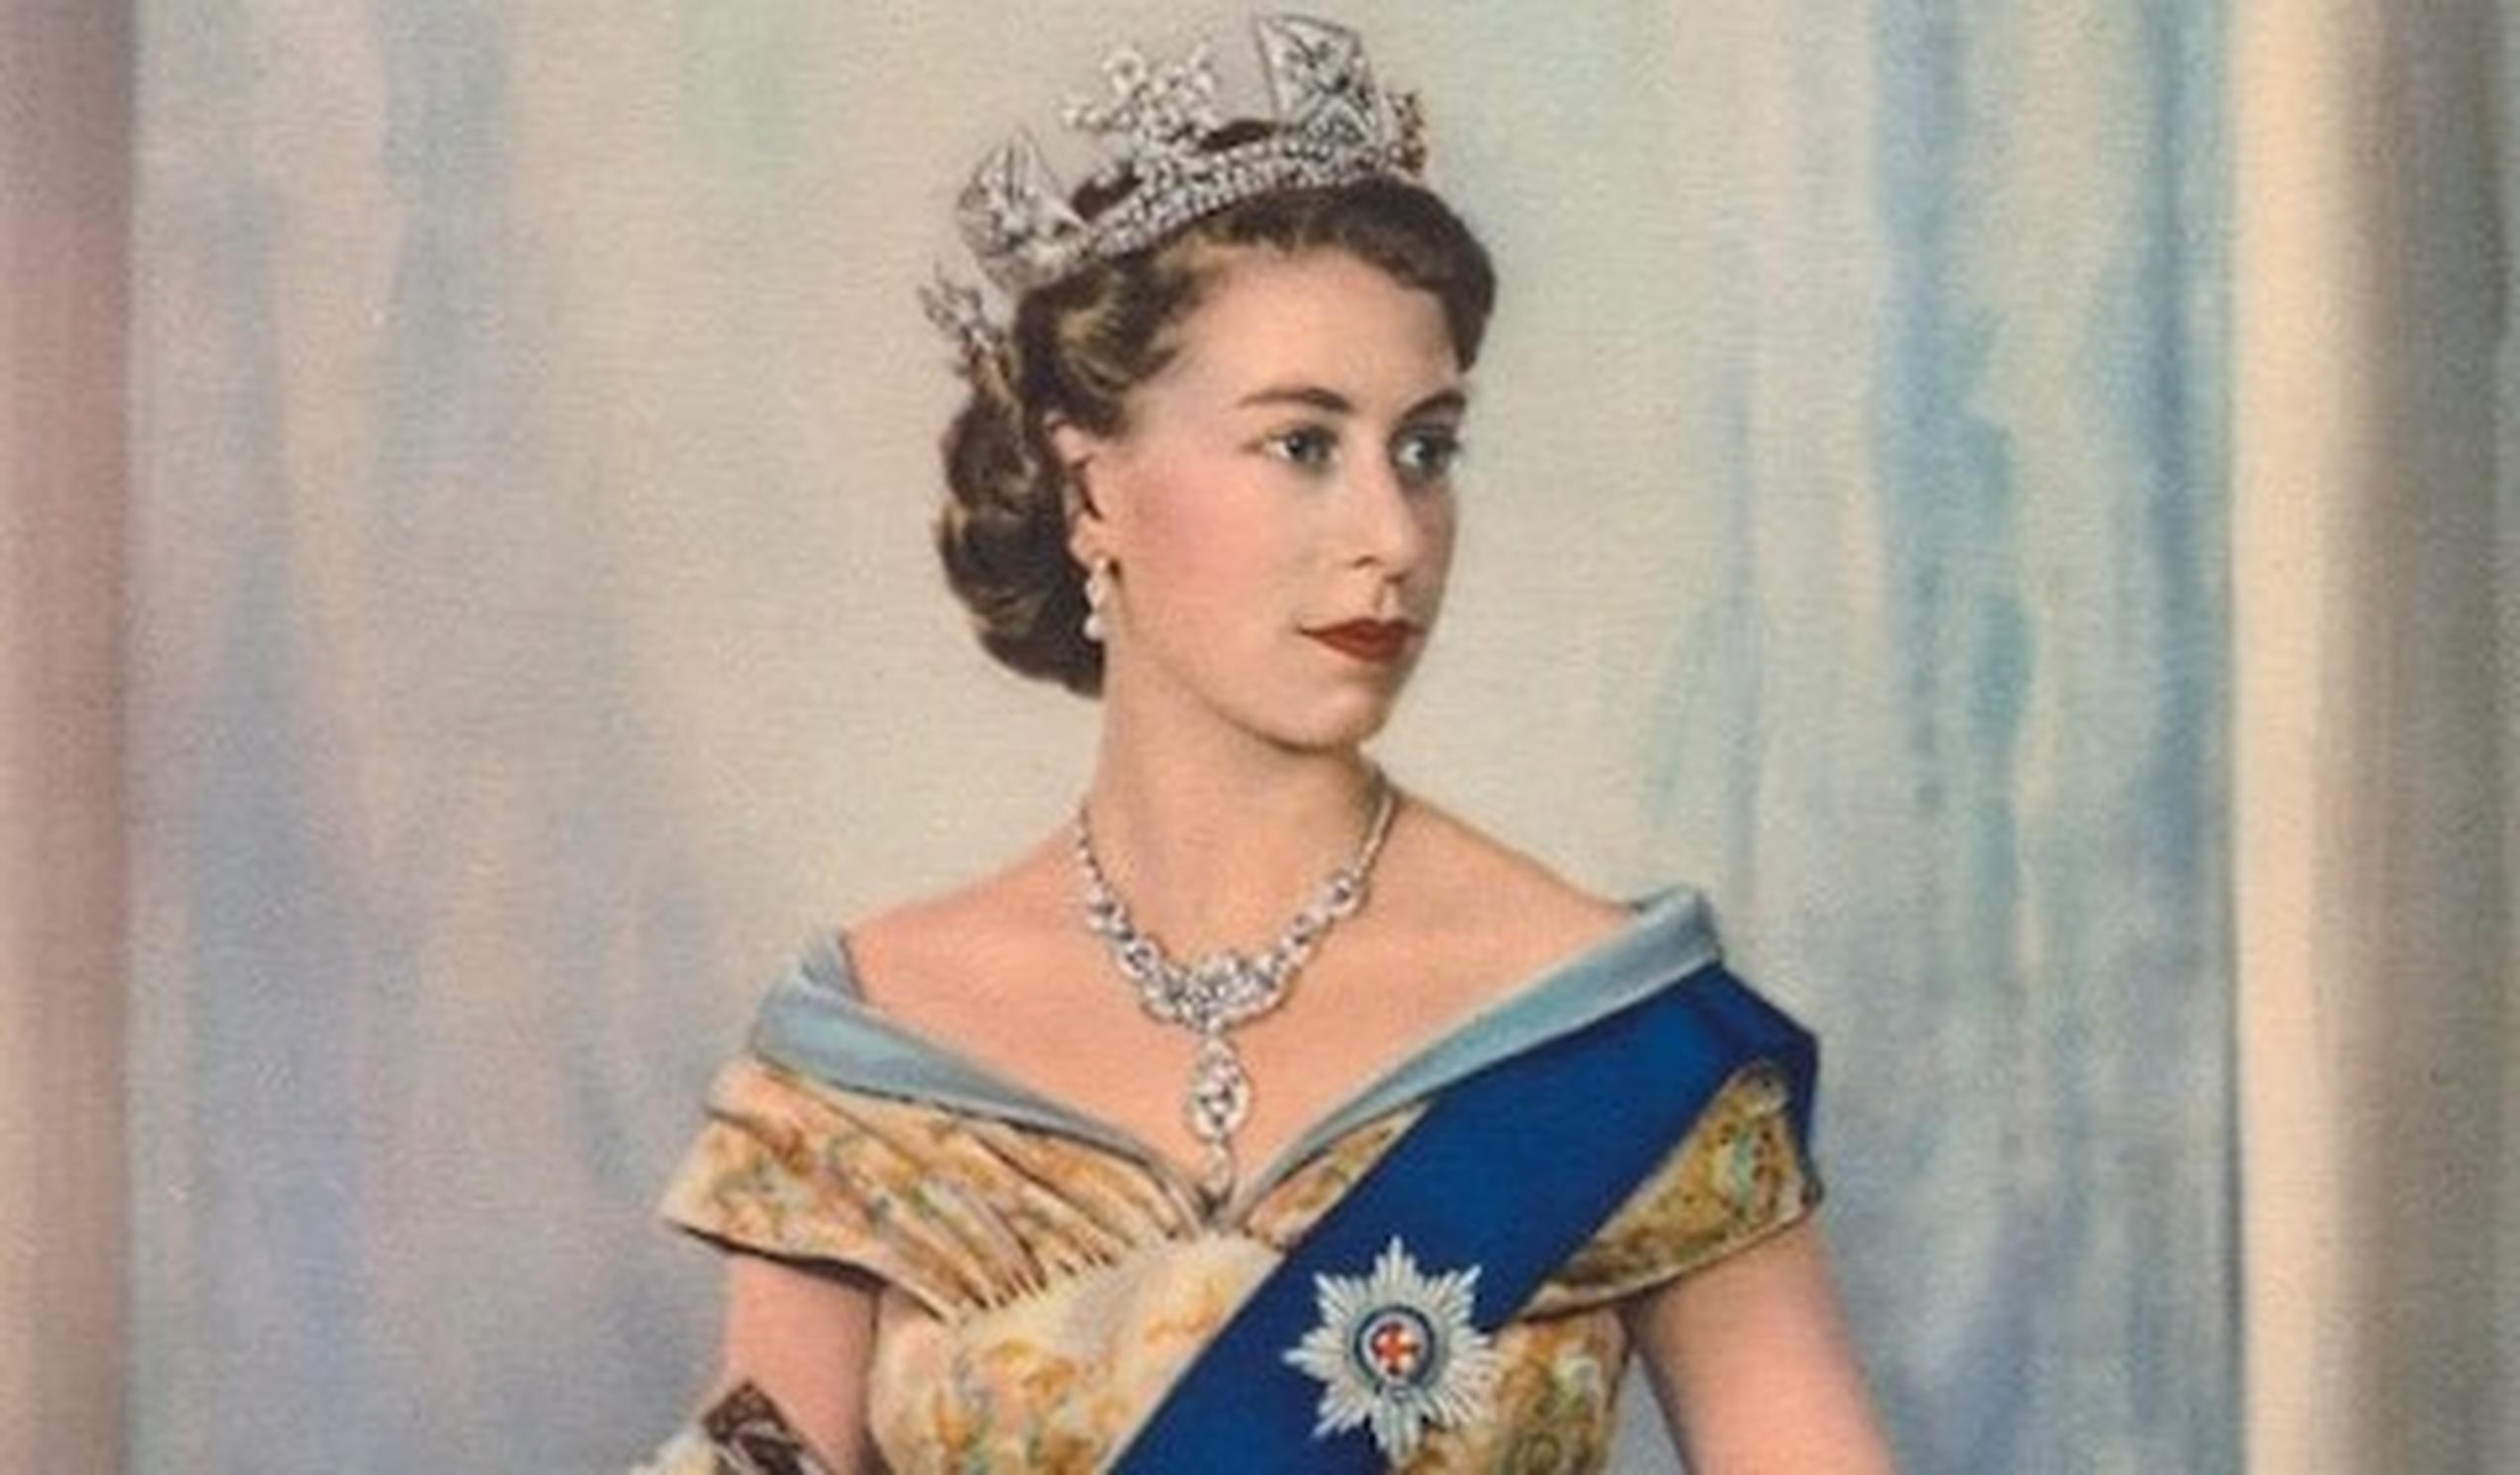 """Universitatea Oxford elimină portretul Reginei Angliei, care este simbol al """"istoriei coloniale recente"""""""